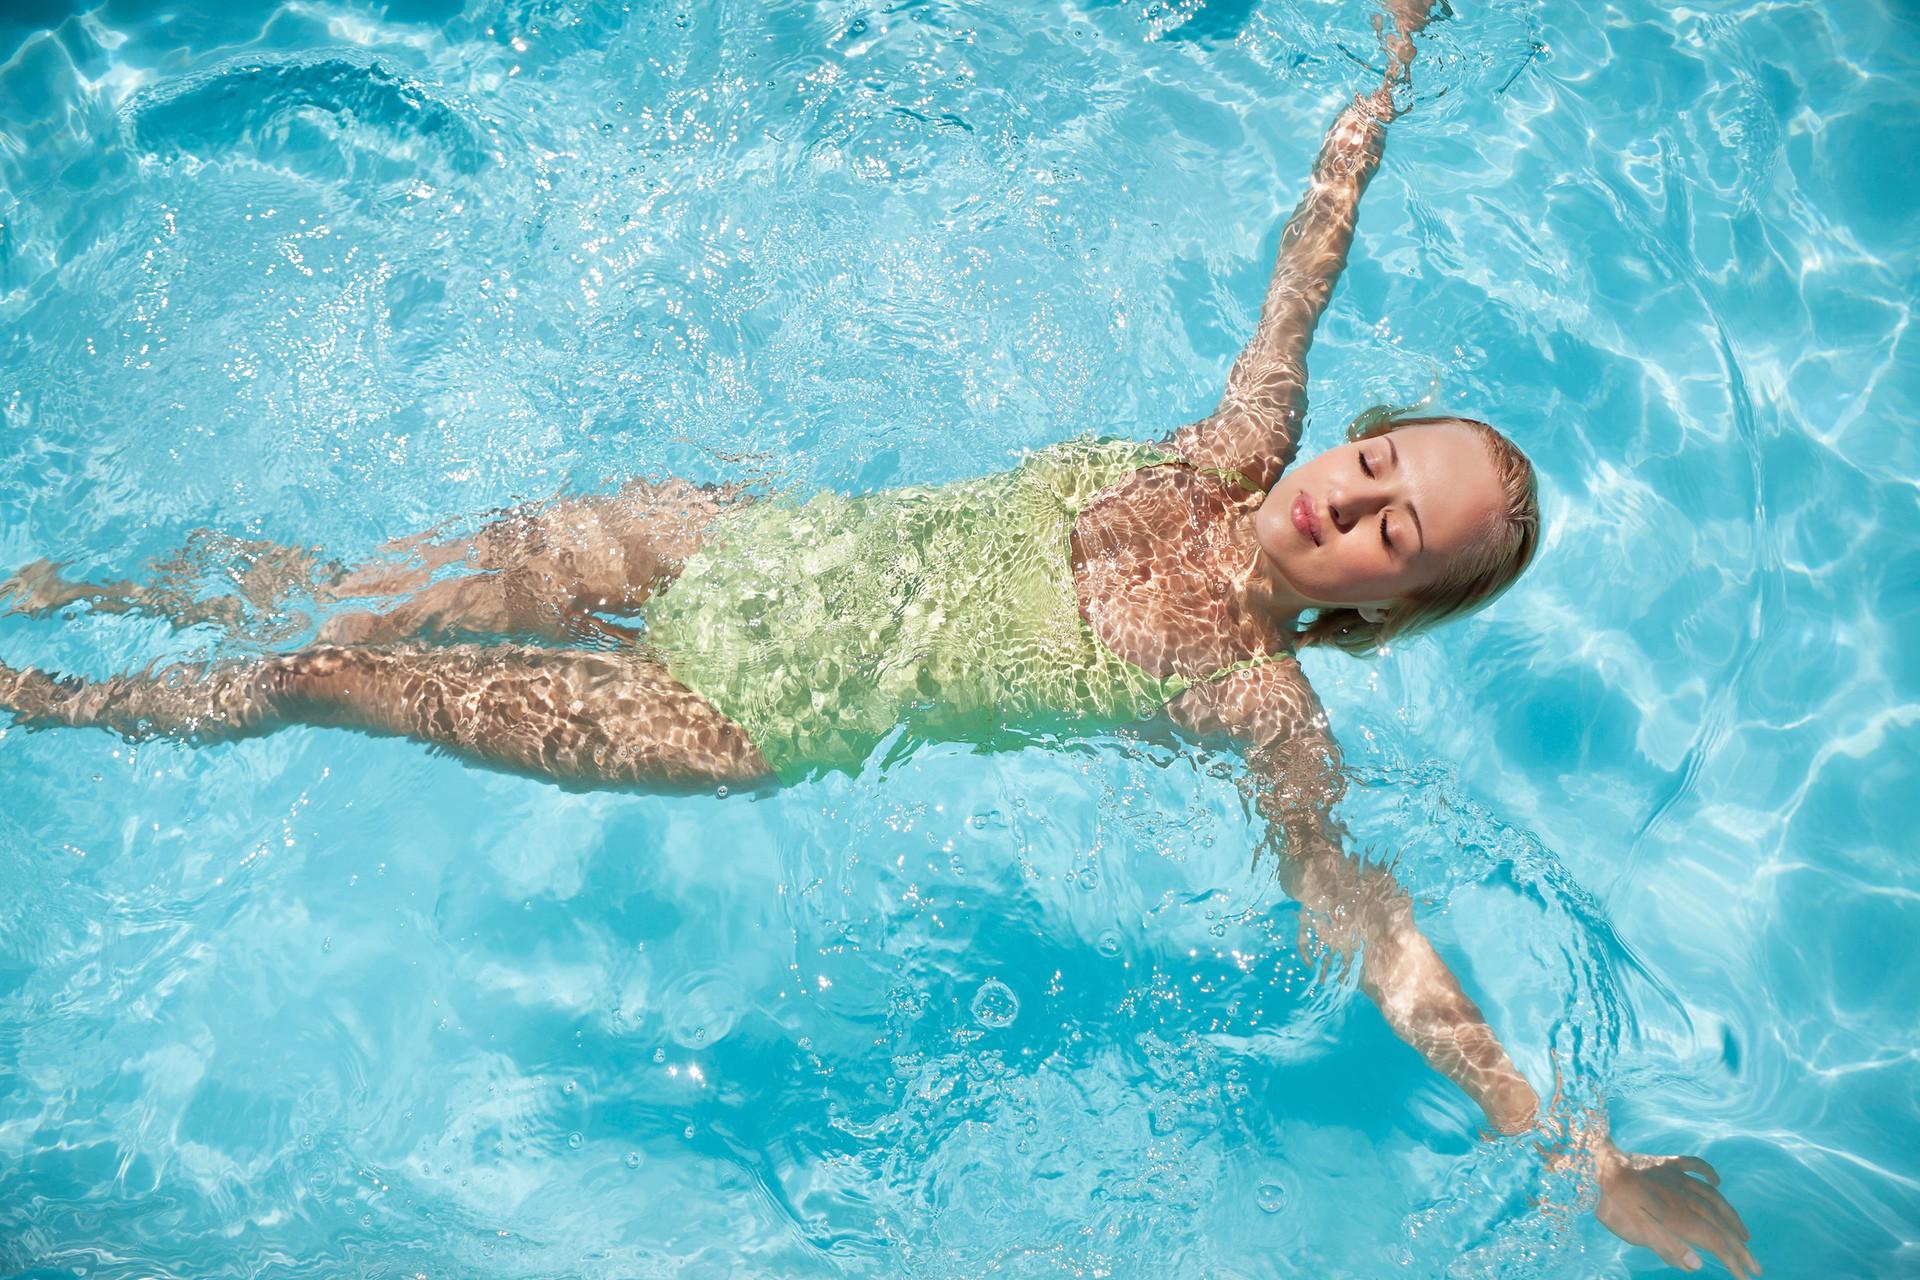 Hè đến nhớ chú ý những điều này khi đi bơi để làn da không đen nhẻm, xuống sắc - Ảnh 1.